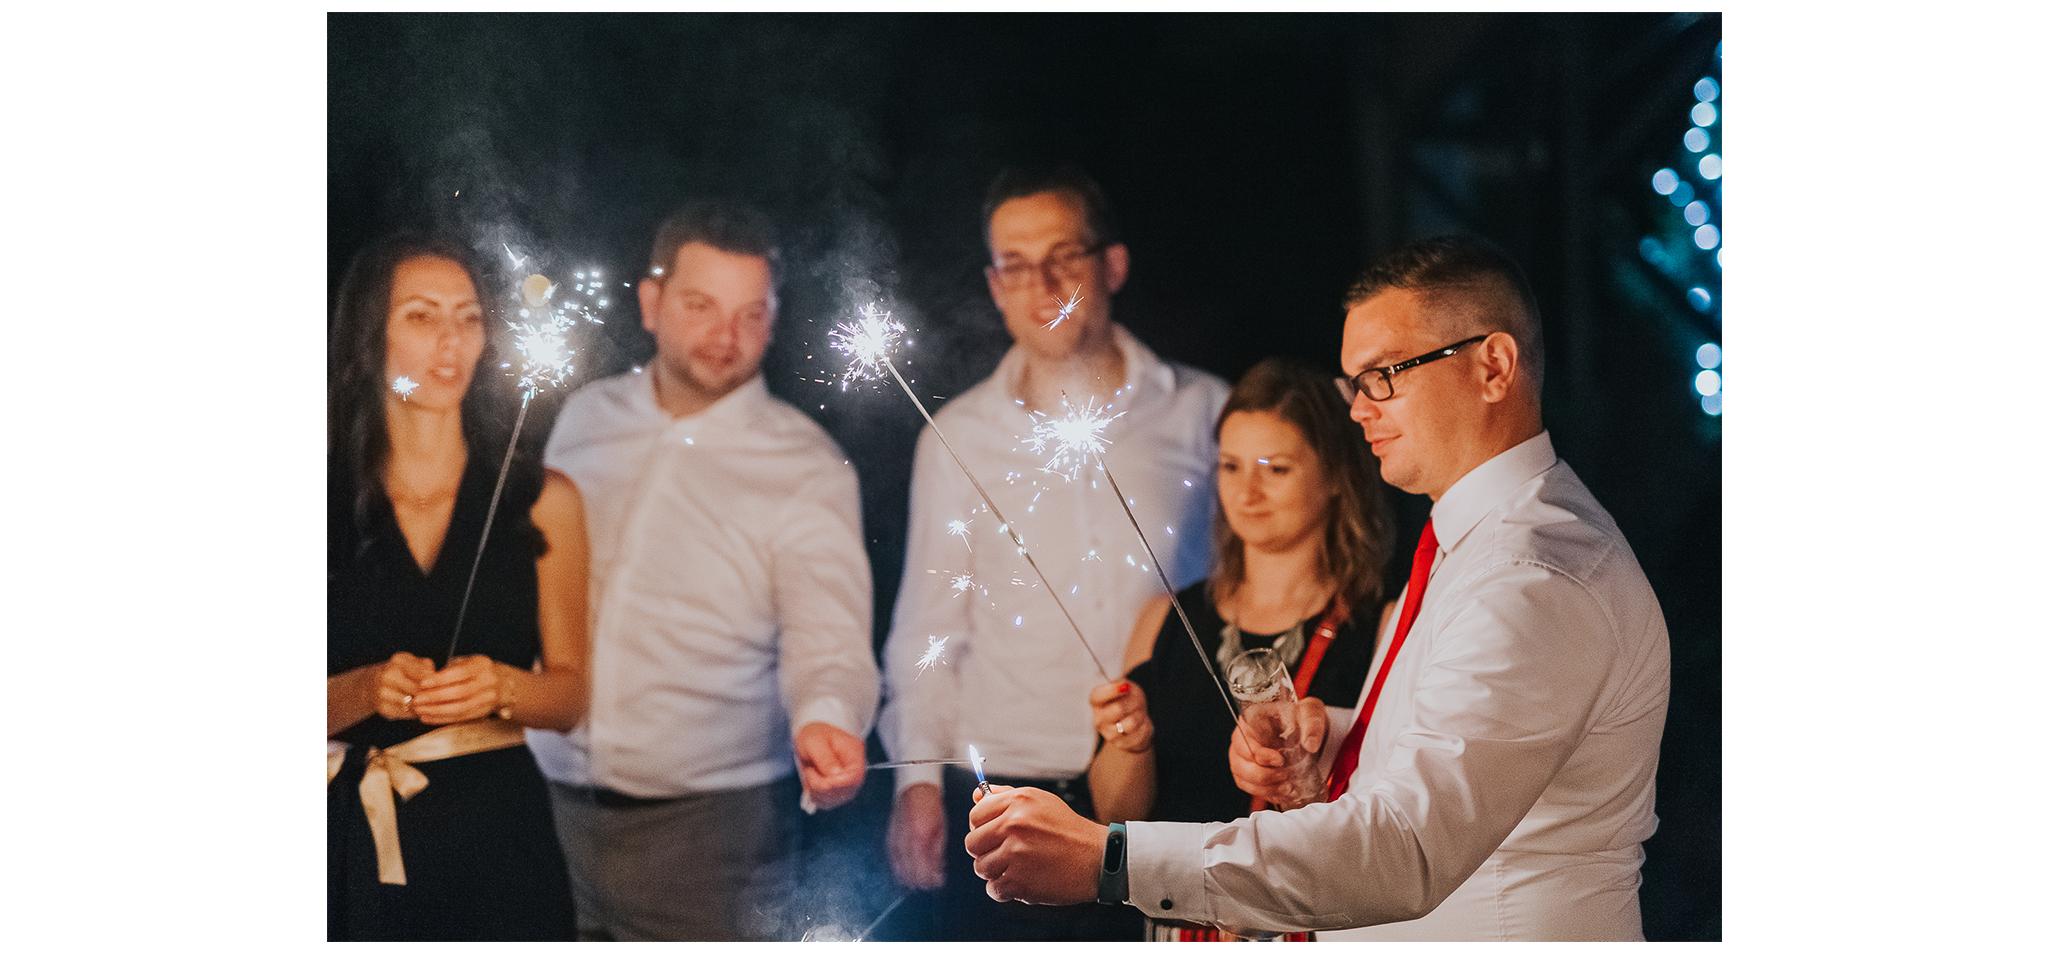 MONT_FylepPhoto, Esküvőfotós Vasmegye, Esküvő fotózás, Esküvői fotós, Körmend, Vas megye, Dunántúl, Budapest, Fülöp Péter, Jegyes fotózás, jegyes, kreatív, kreatívfotózás,Wien,Ausztira,Österreich,hochzeitsfotograf_V&M_060.jpg